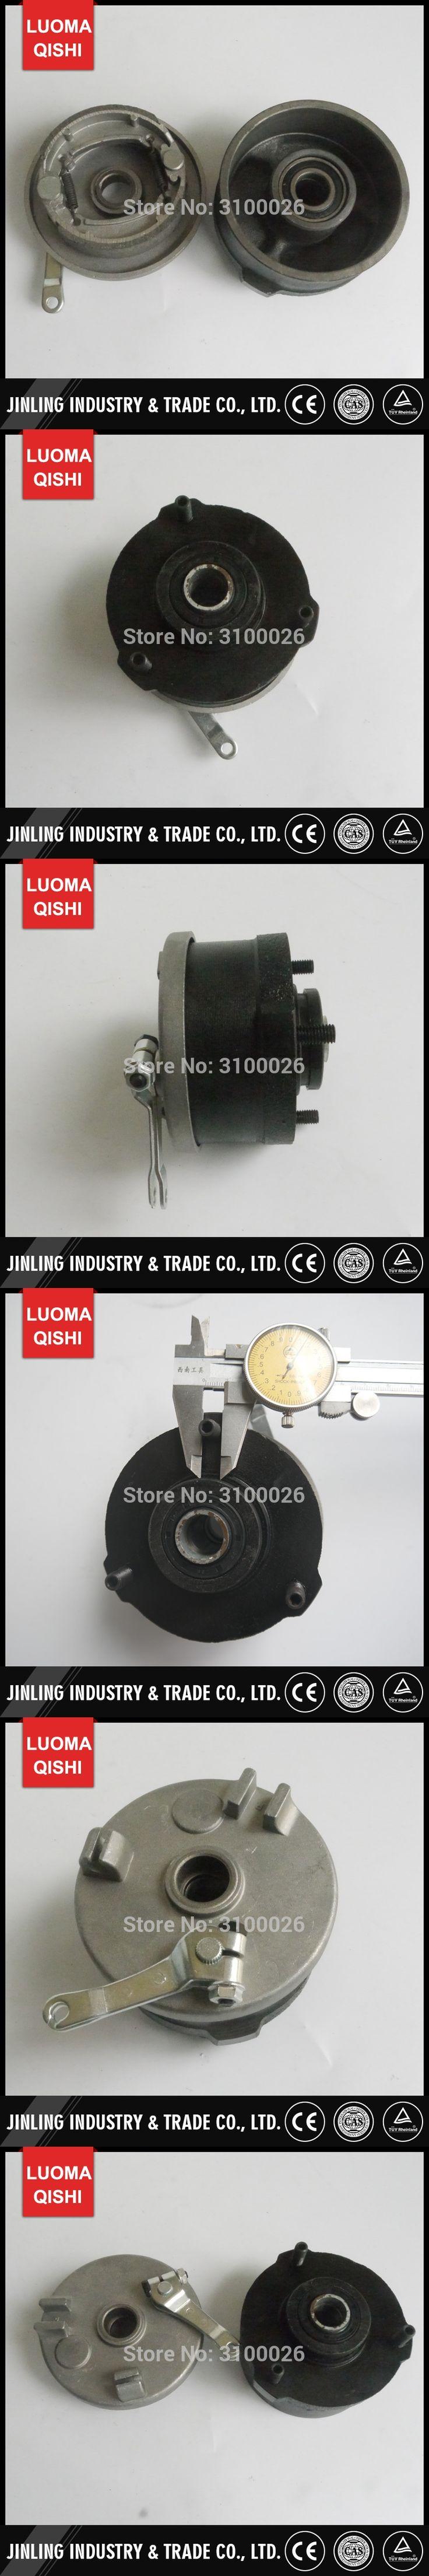 1Pair/2pcs Left/Right Brake Drum of Jinling Fuxin 49CC,50CC,90CC,110CC KIDS JLA-02,JLA-07,JLA-08  ATV Parts